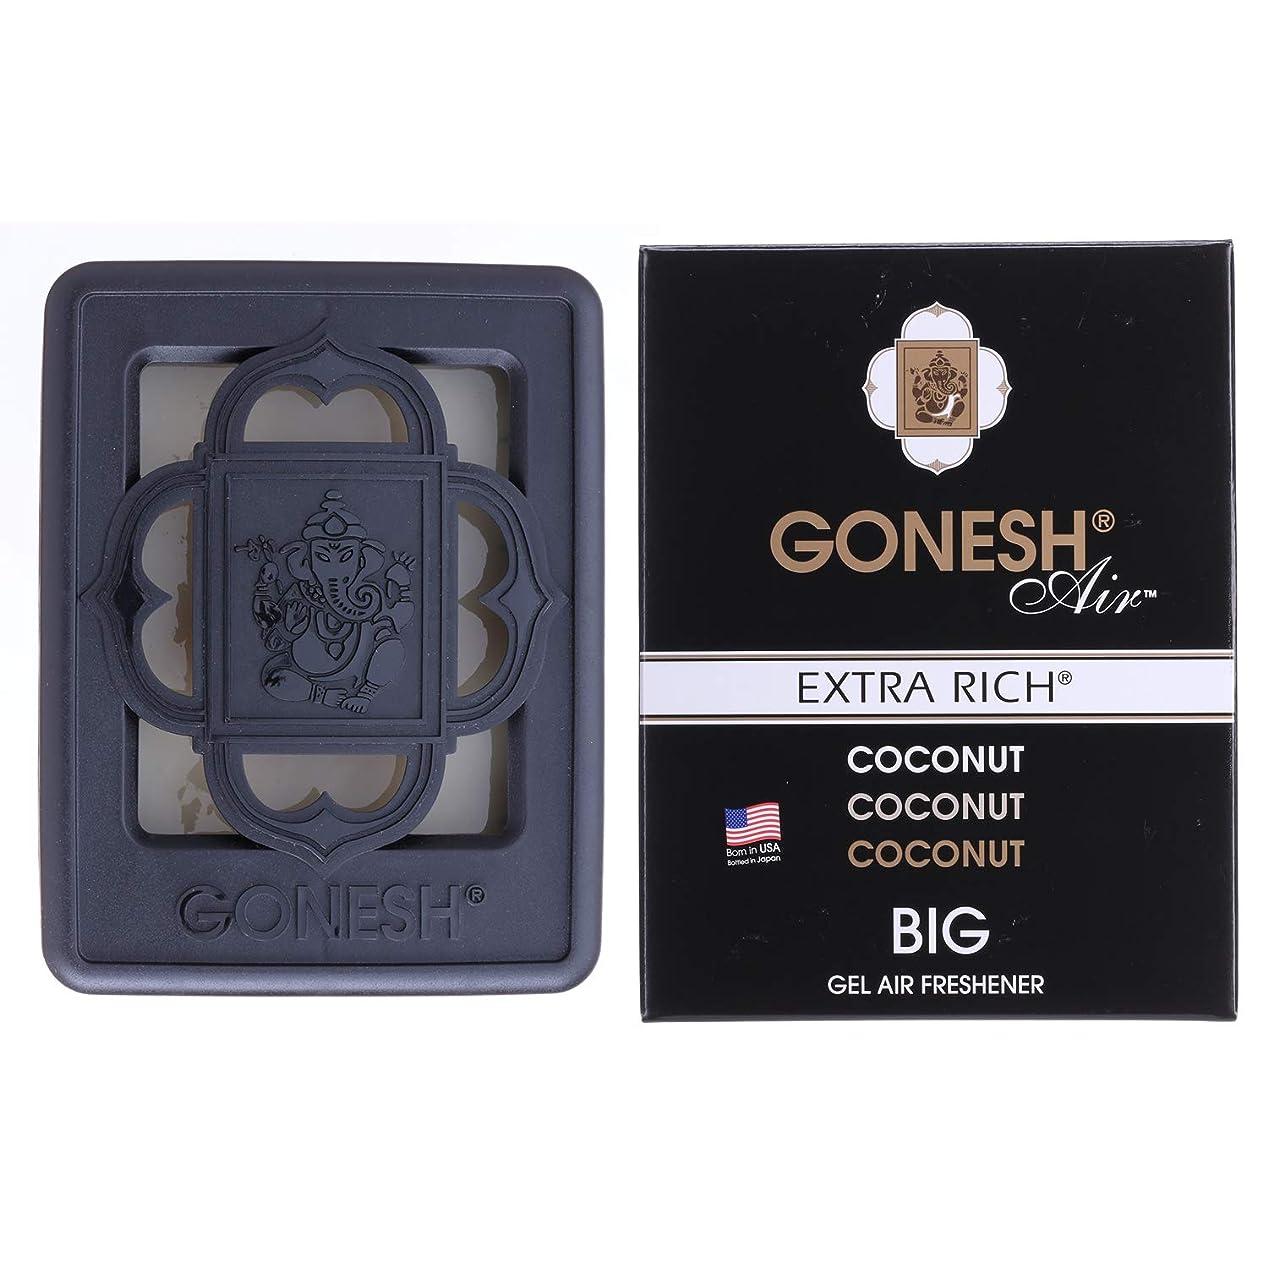 実験室嫌い今晩GONESH(ガーネッシュ)ビッグゲルエアフレッシュナー ココナッツ(ココナッツの香り)